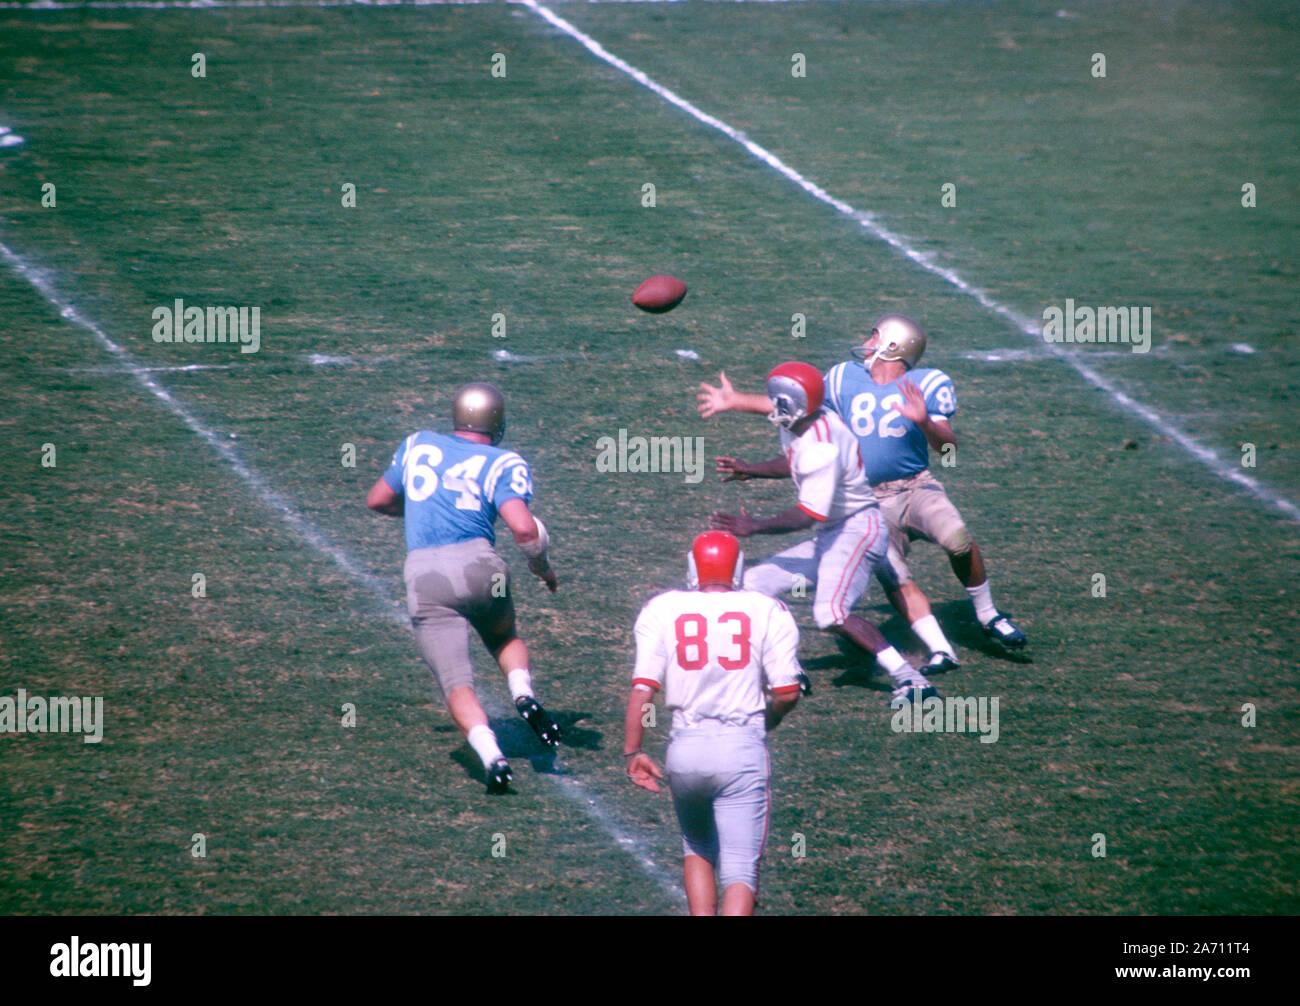 LOS ANGELES, Ca - 6. Oktober: Don Francis#82 der UCLA Bruins und Richard Mangiamelle #43 der Ohio State Buckeyes für die Kugel während ein NCAA Spiel am Oktober 6, 1962 auf der Los Angeles Memorial Coliseum Los Angeles, Kalifornien. (Foto von Hy Peskin) (Satz Anzahl: X 8760) Stockfoto